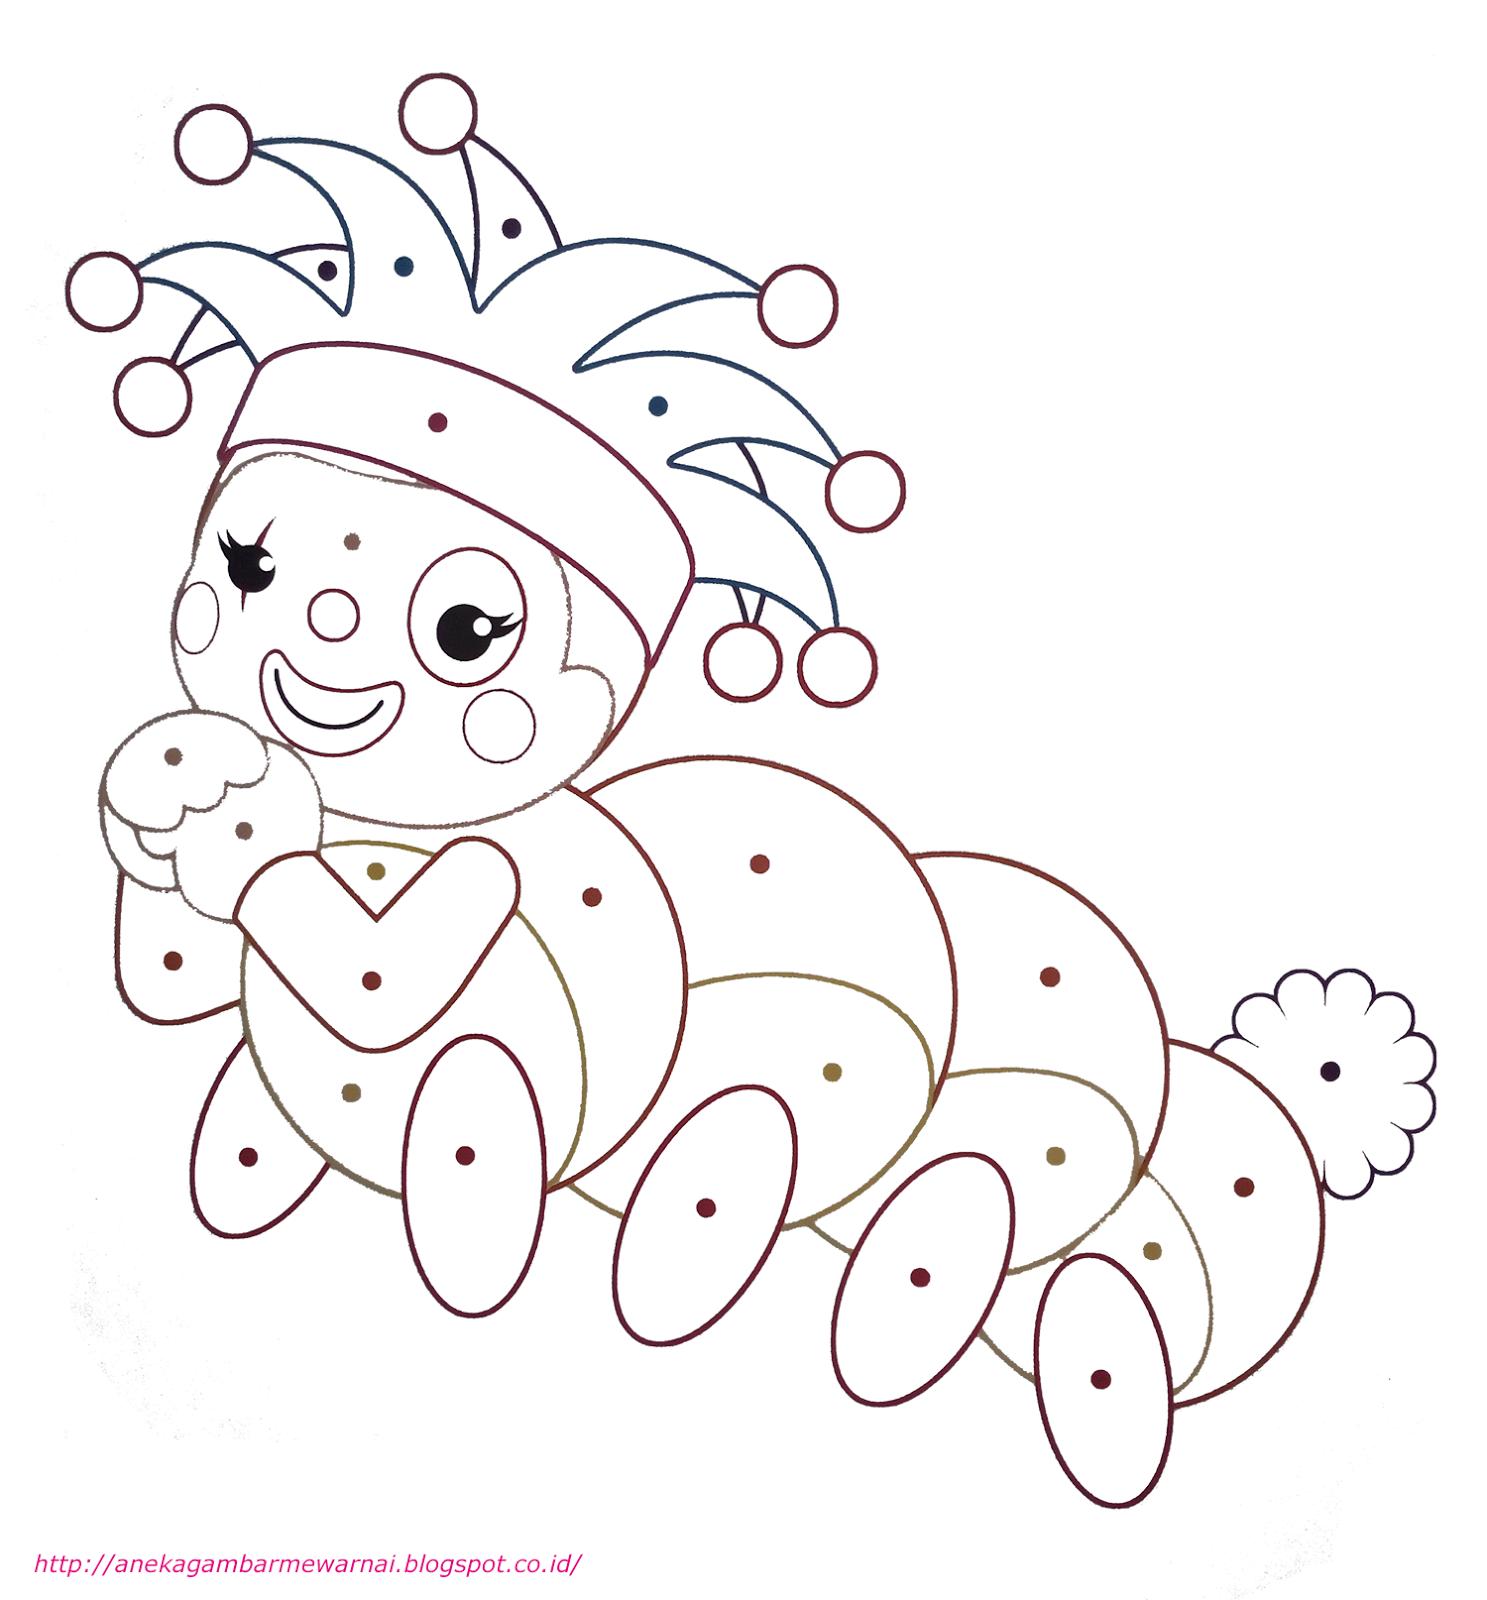 Gambar Mewarnai Loli Ulat Kecil Untuk Anak Paud Dan Tk